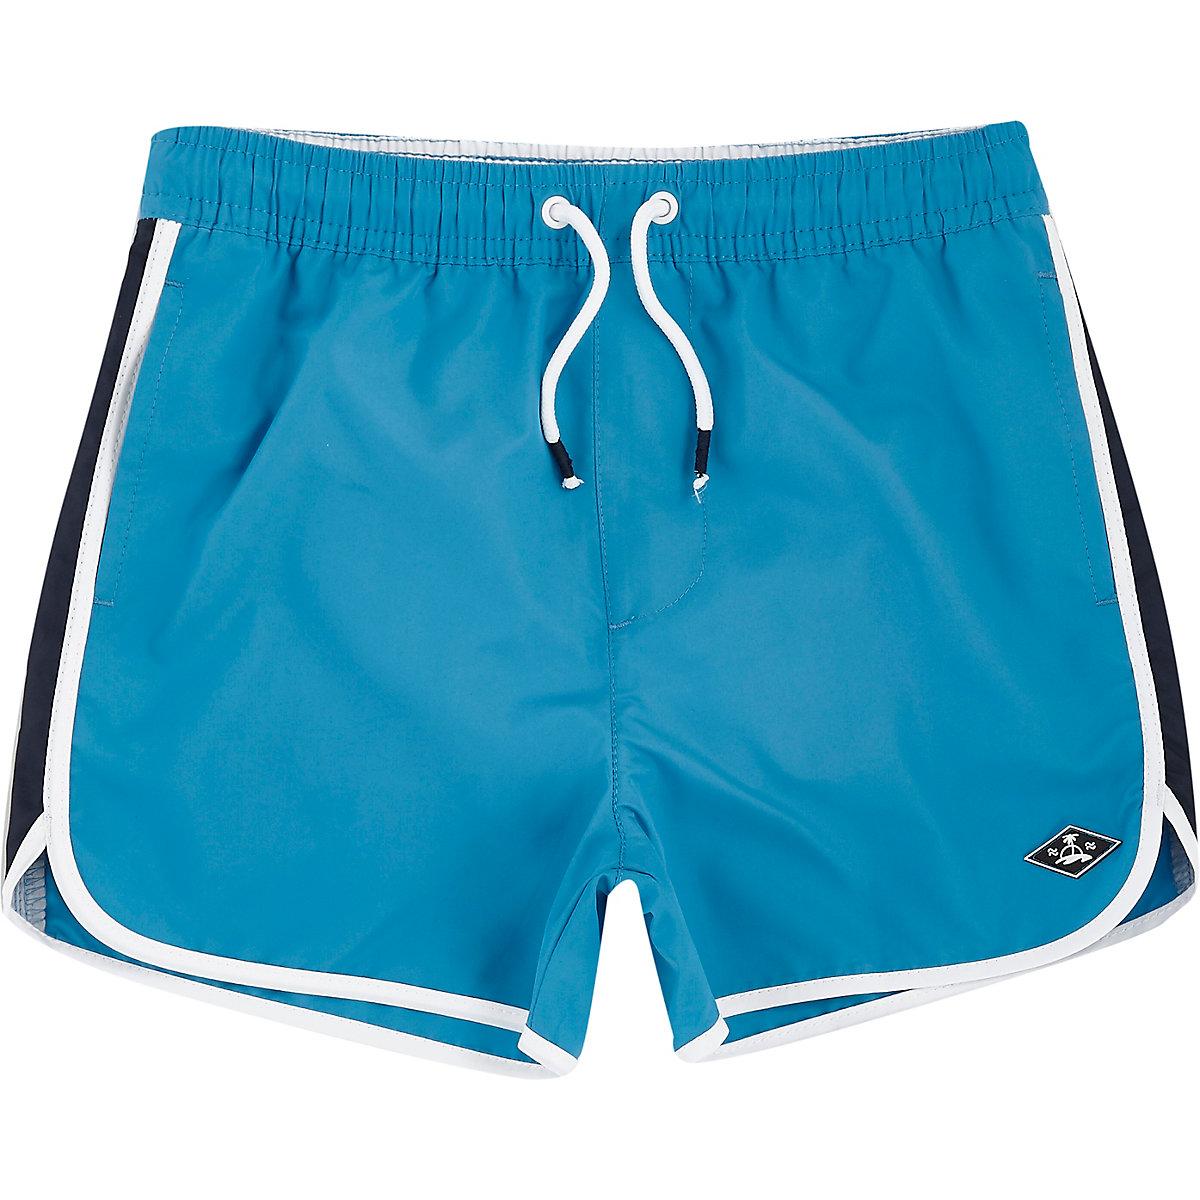 Boys blue runner swim shorts